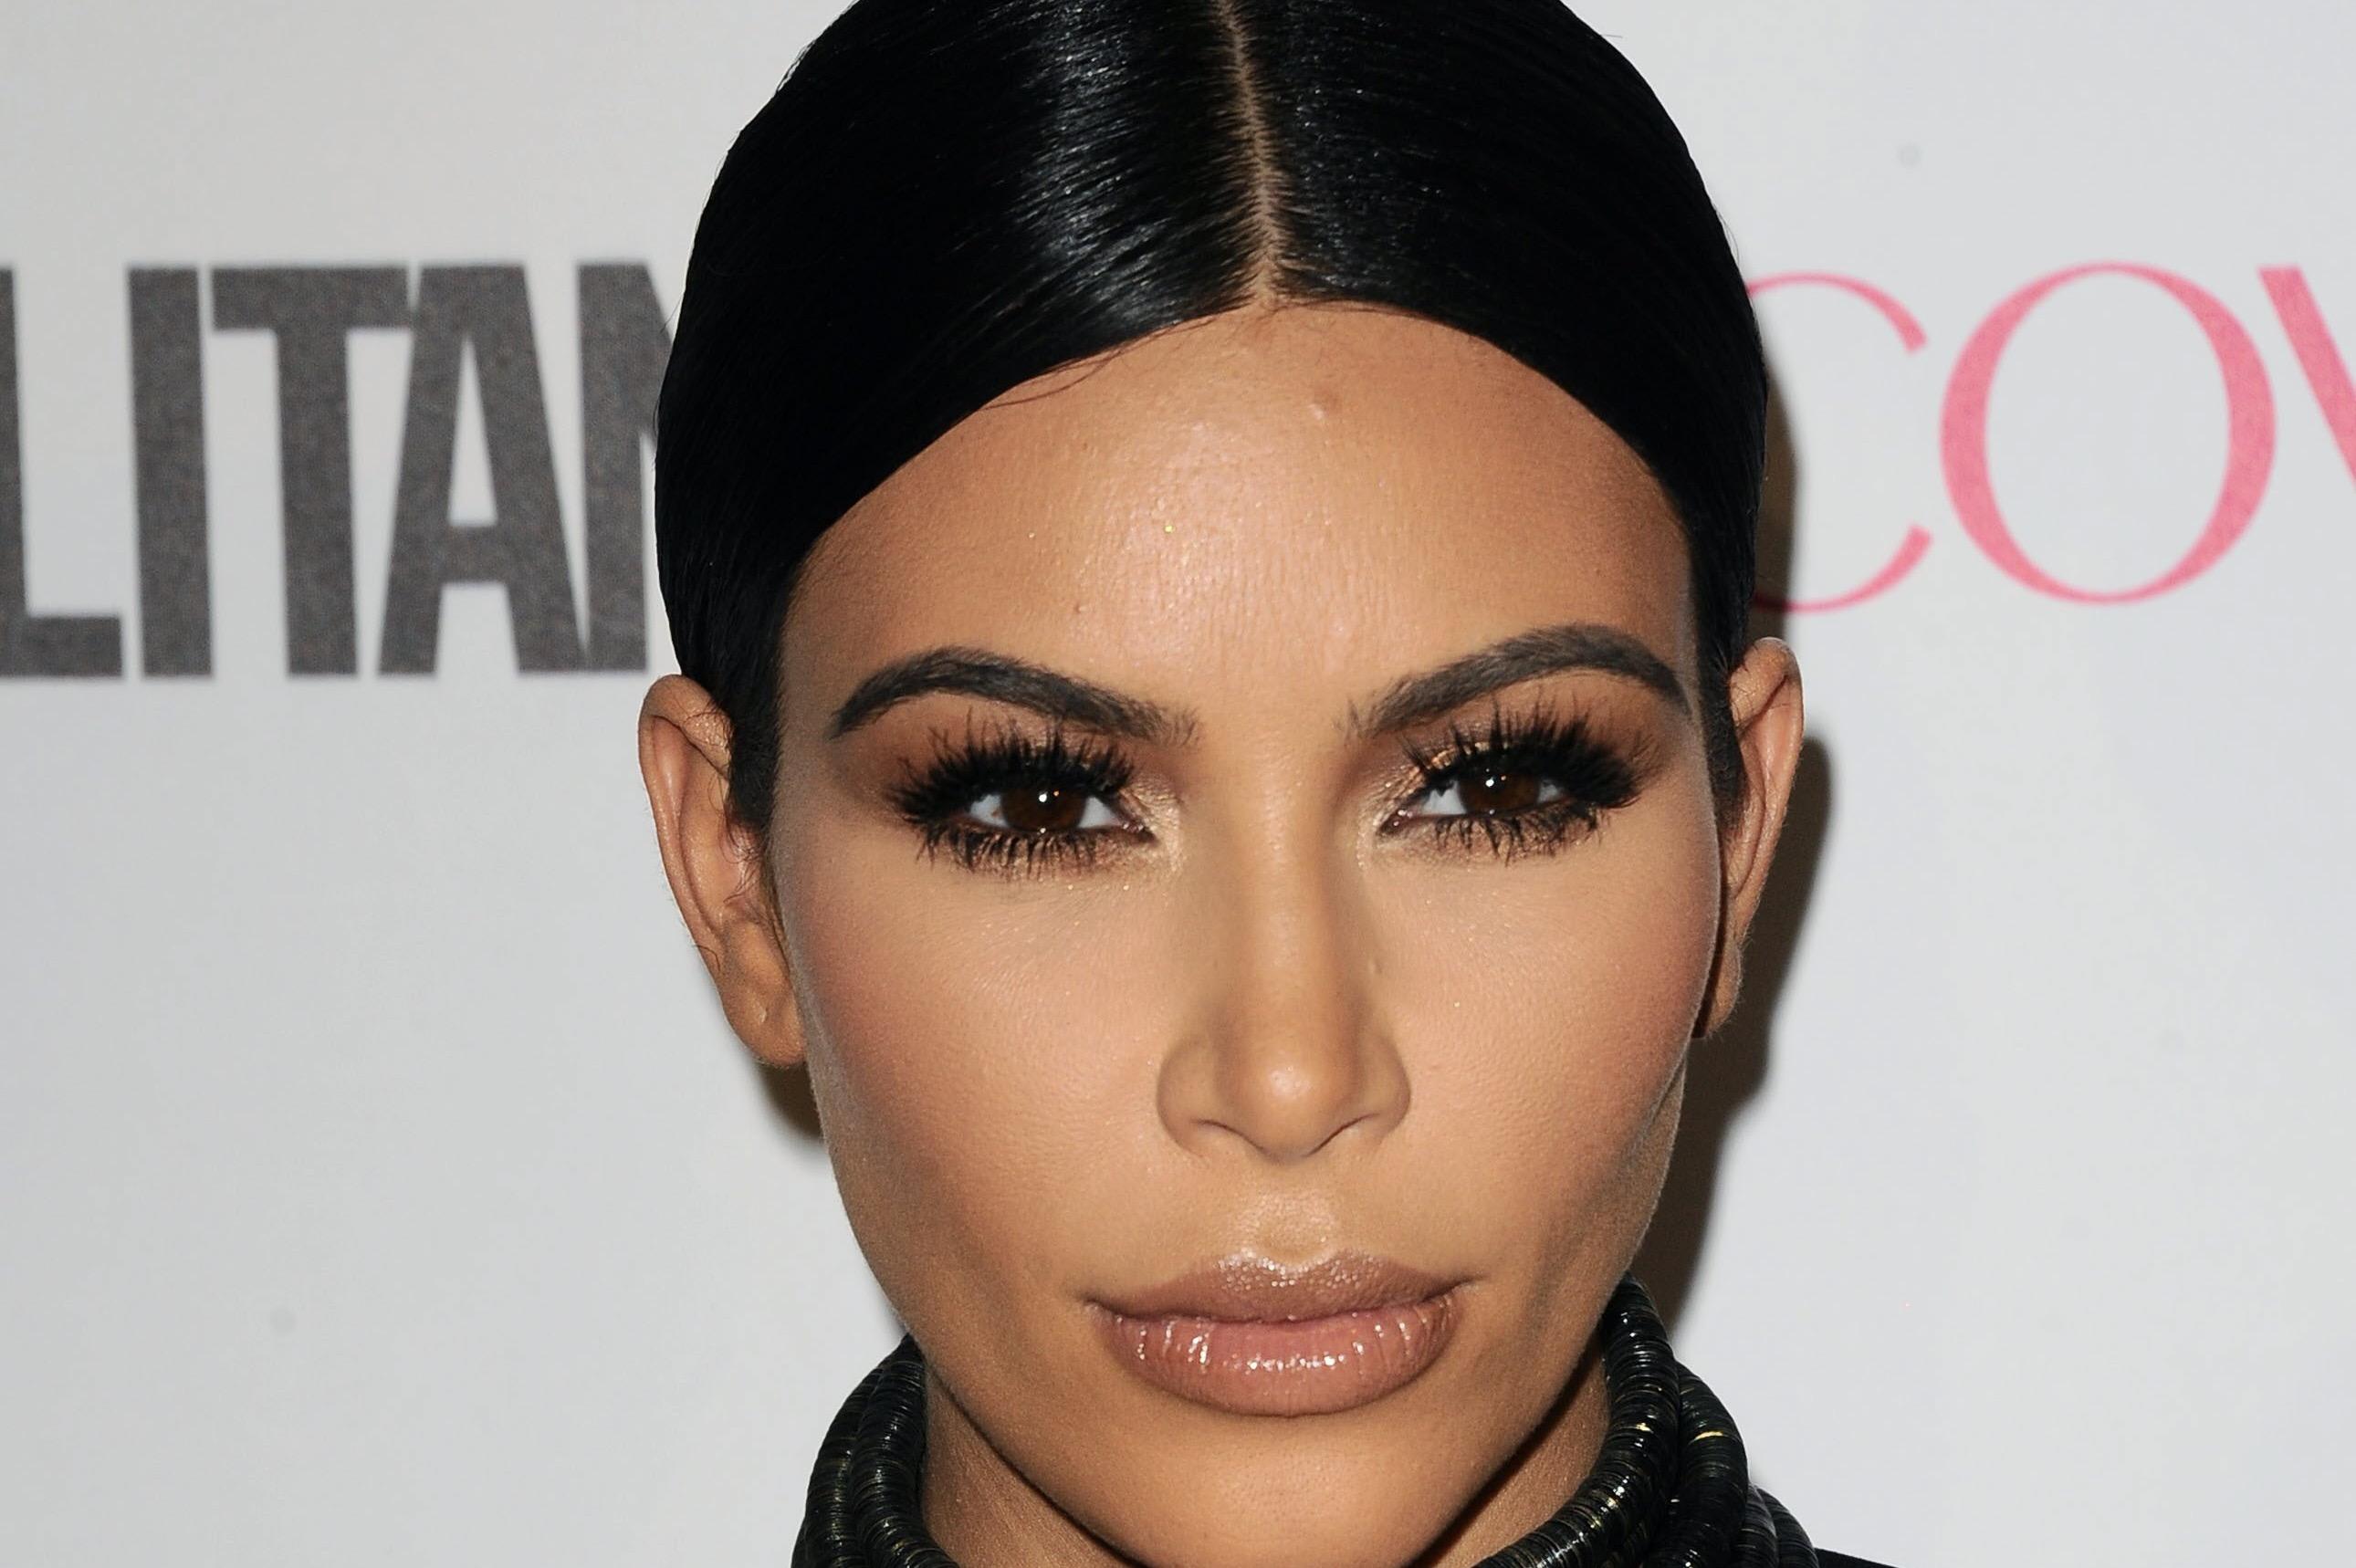 El Peinado Con Mil Horquillas Que Kim Kardashian Ha Hecho Viral